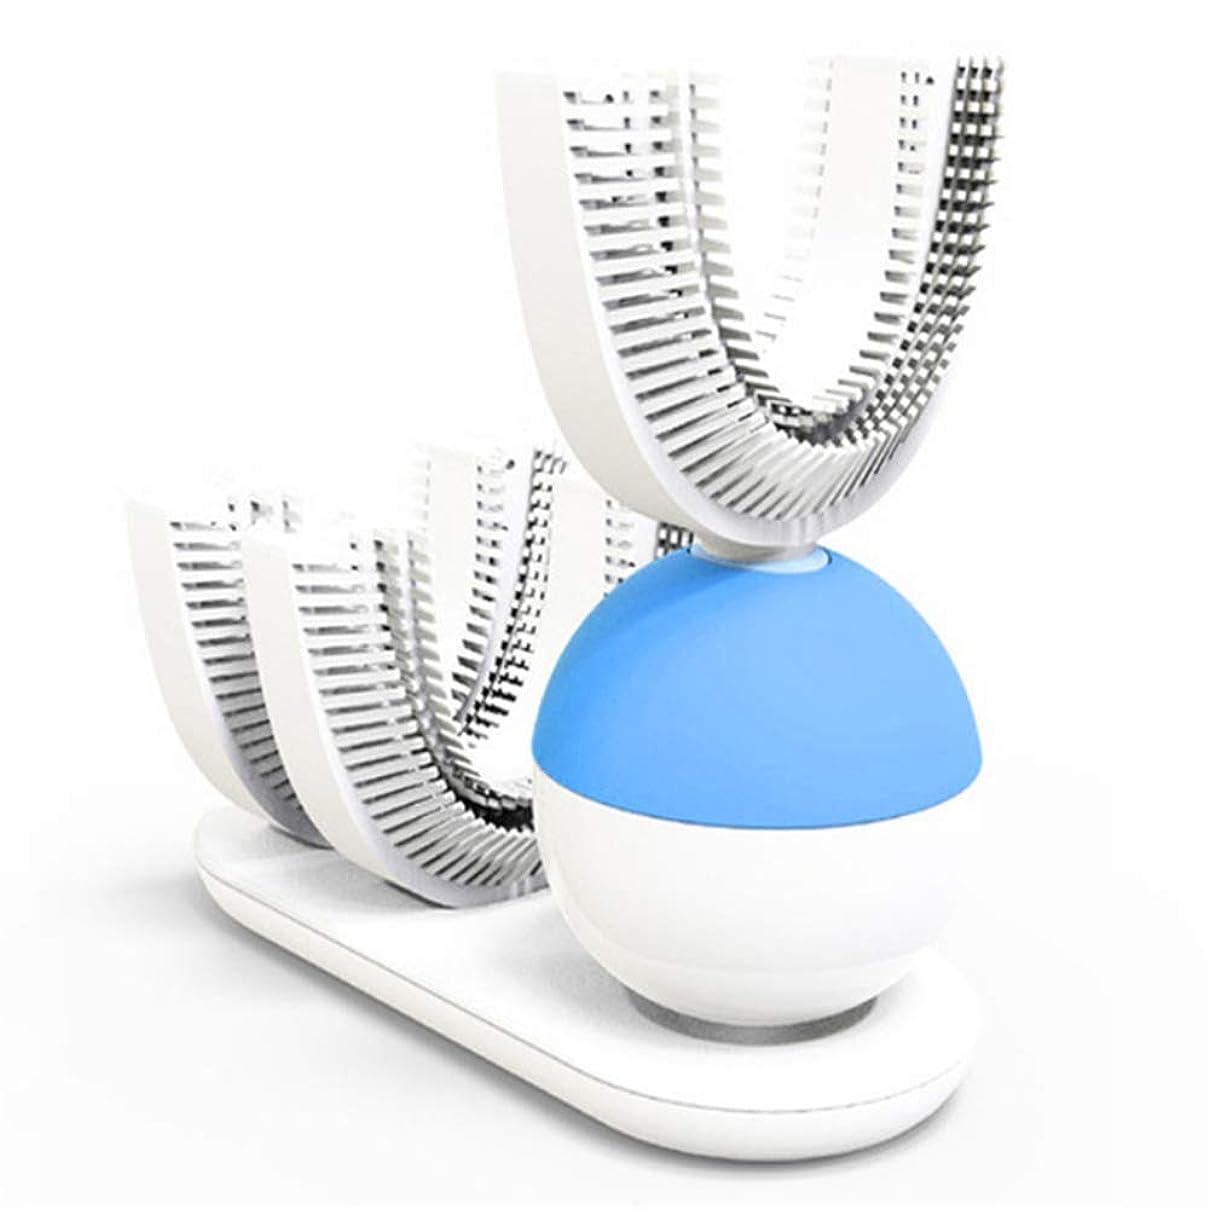 ワークショップセットアップ第二に電動歯ブラシ 自動歯ブラシ U型 360°全方位 超音波 怠け者歯ブラシ ワイヤレス充電 歯ブラシヘッド付き